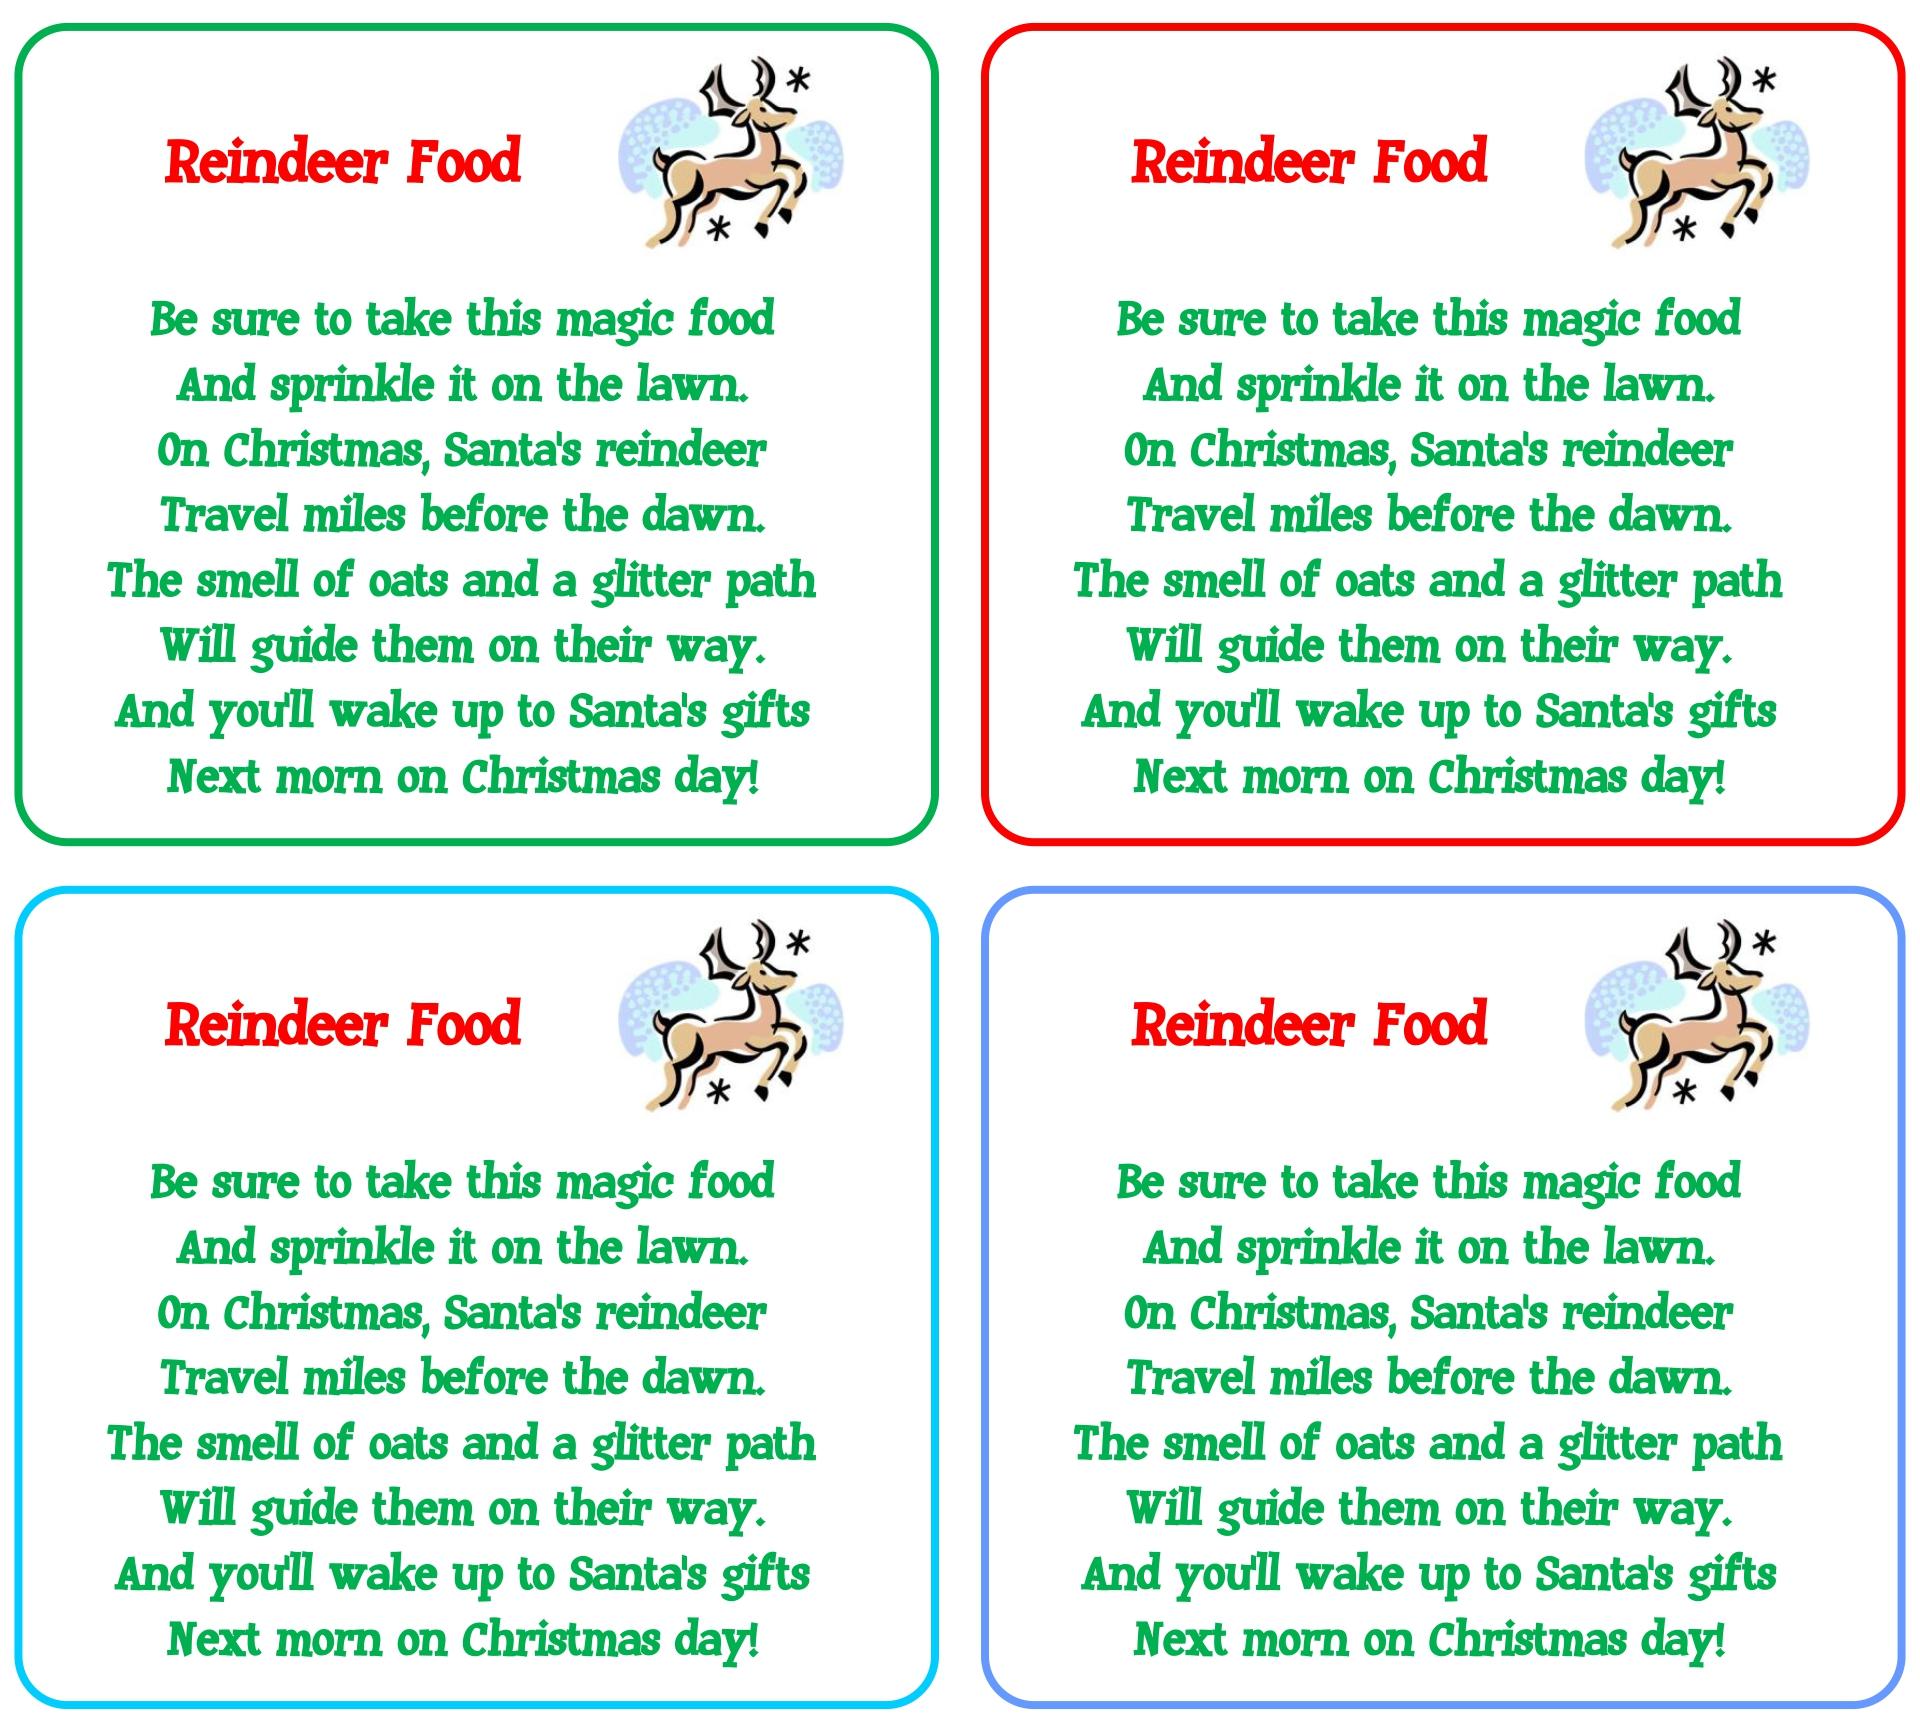 Reindeer Food Poem Printable